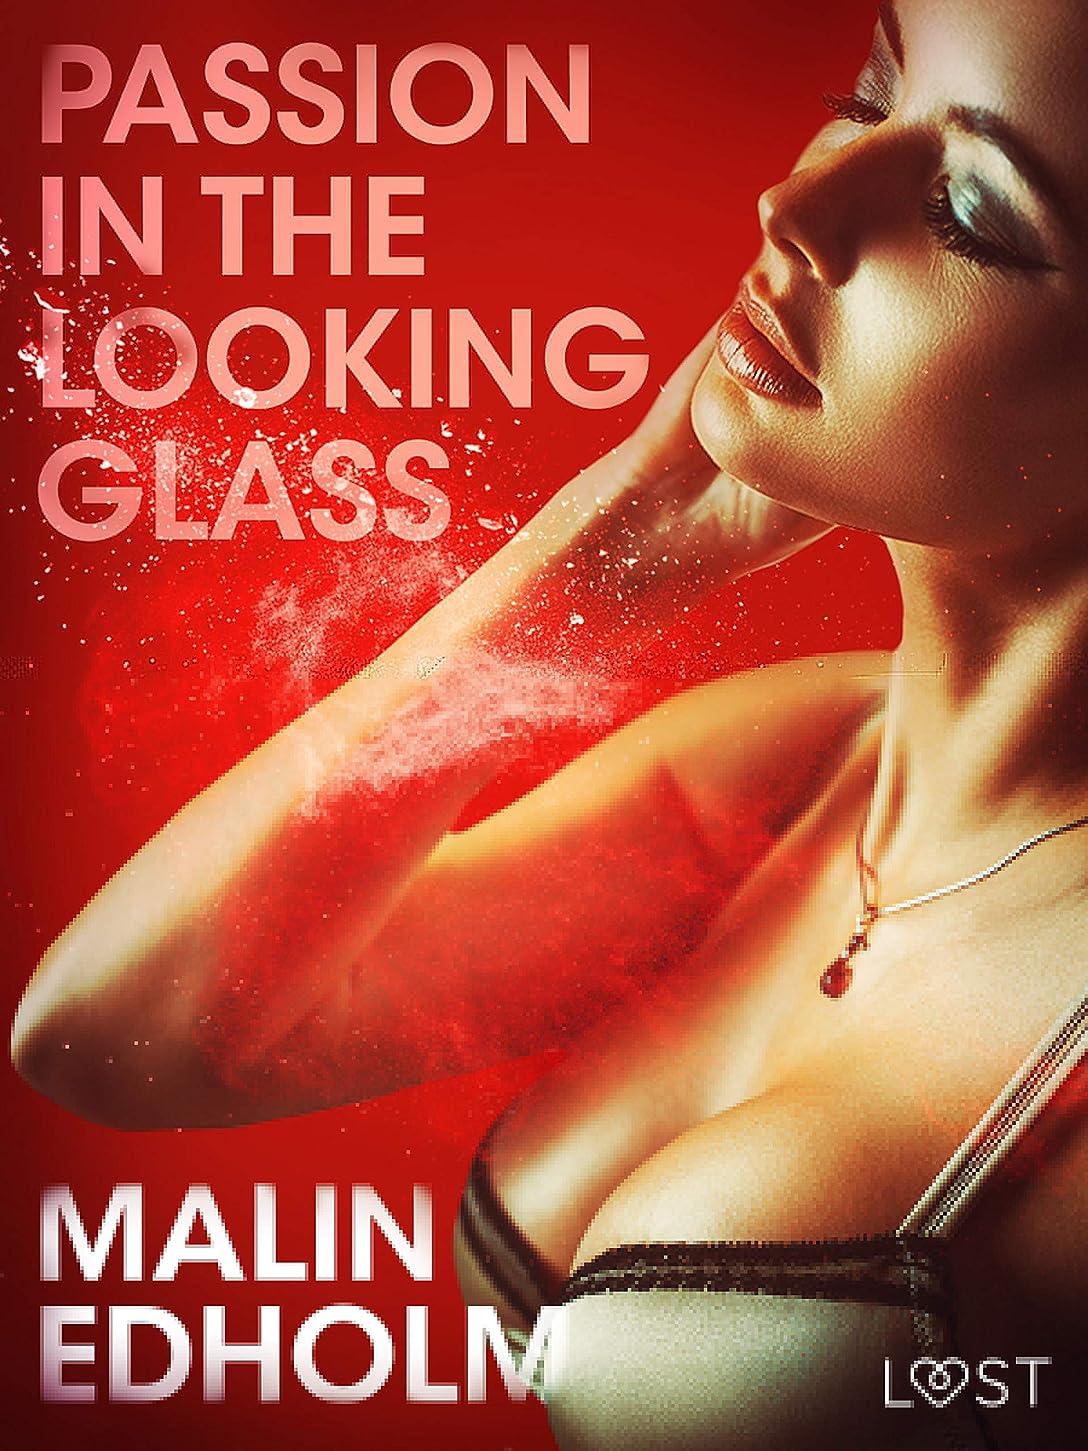 不承認版苦しめるPassion in the Looking Glass - Erotic Short Story (English Edition)